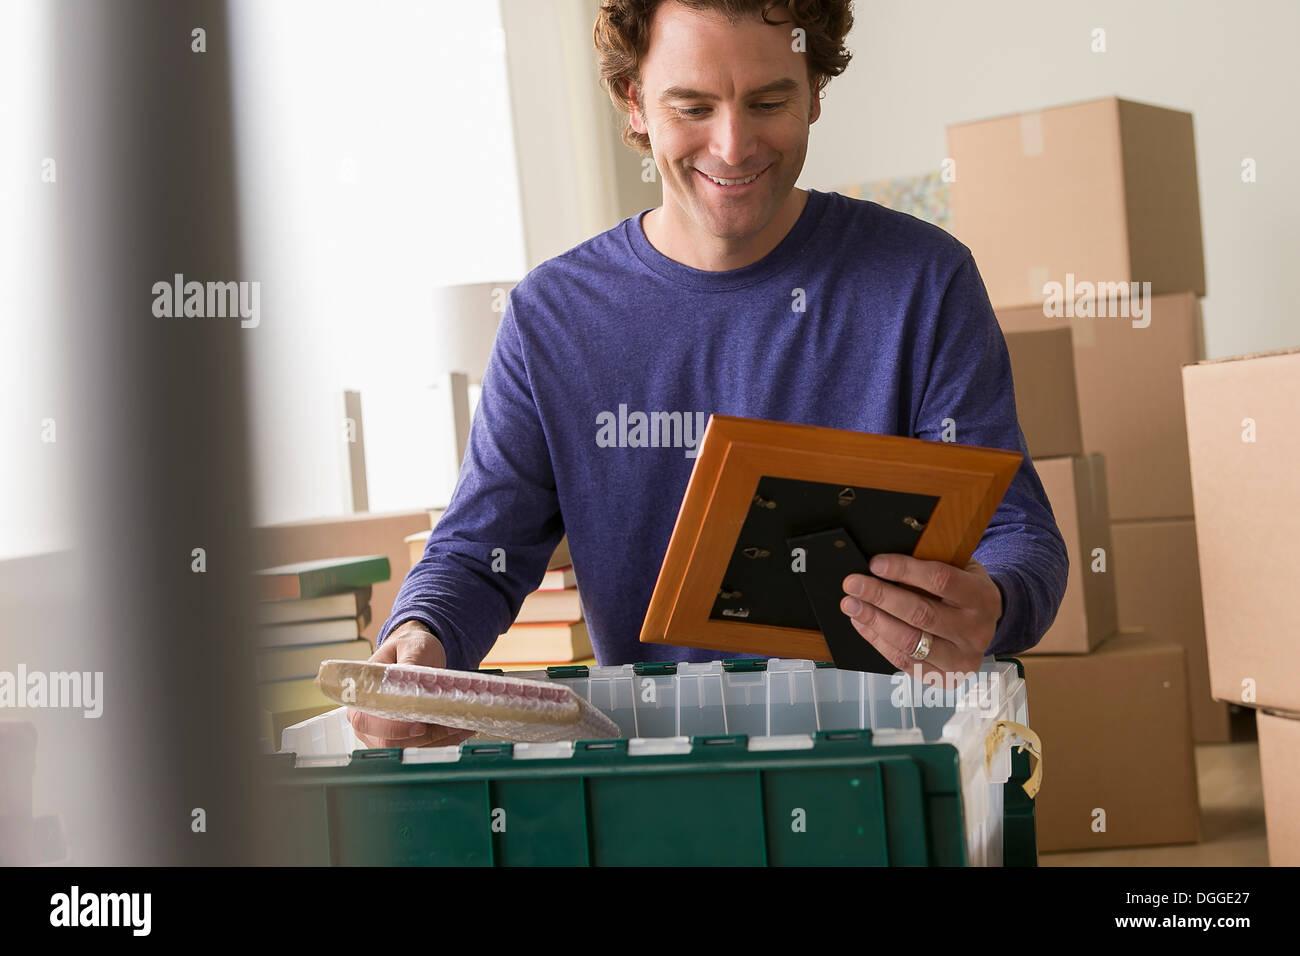 Reifer Mann Bilderrahmen aus Kiste auspacken Stockbild